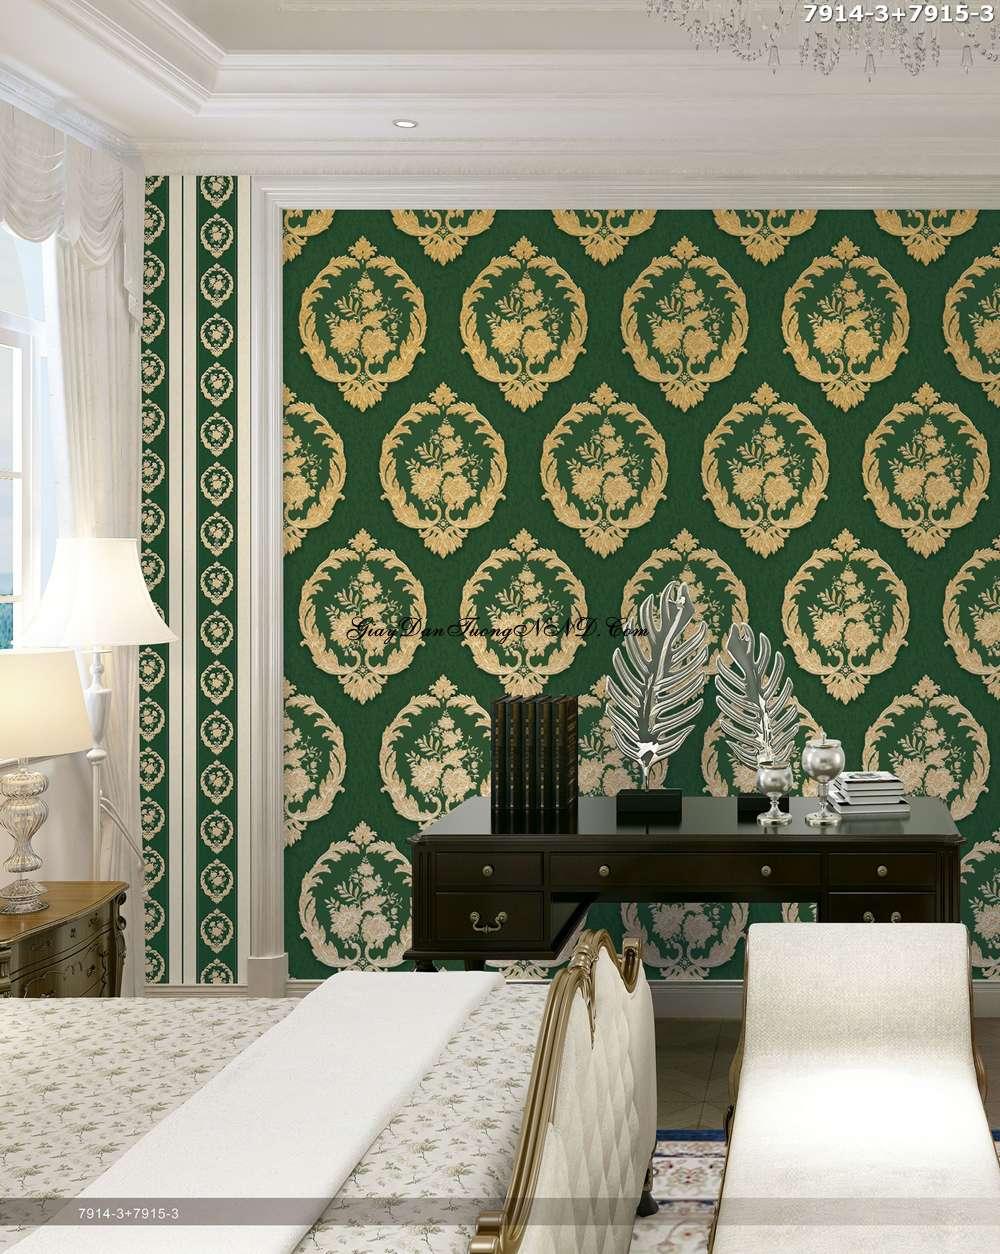 Màu xanh lá cây là tông màu rất được ưa chuộng cho gia chủ mệnh Hỏa khi lựa chọn giấy dán tường